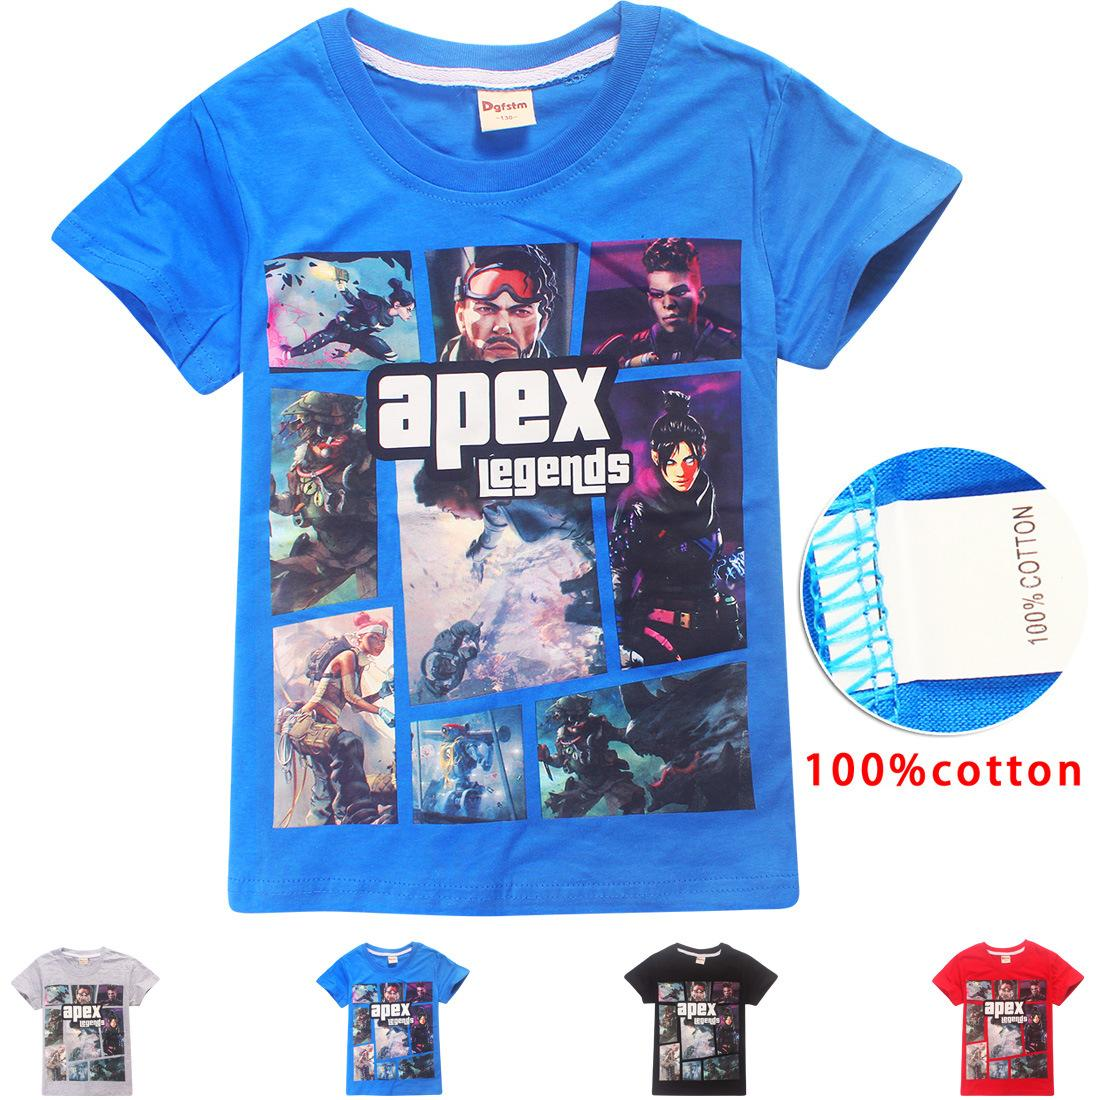 224509392d2ae Acheter T Shirt En Pur Coton Légendes D apex Pour Garçons Et Filles De 6 À 14  Ans De  30.16 Du Beloveddoll